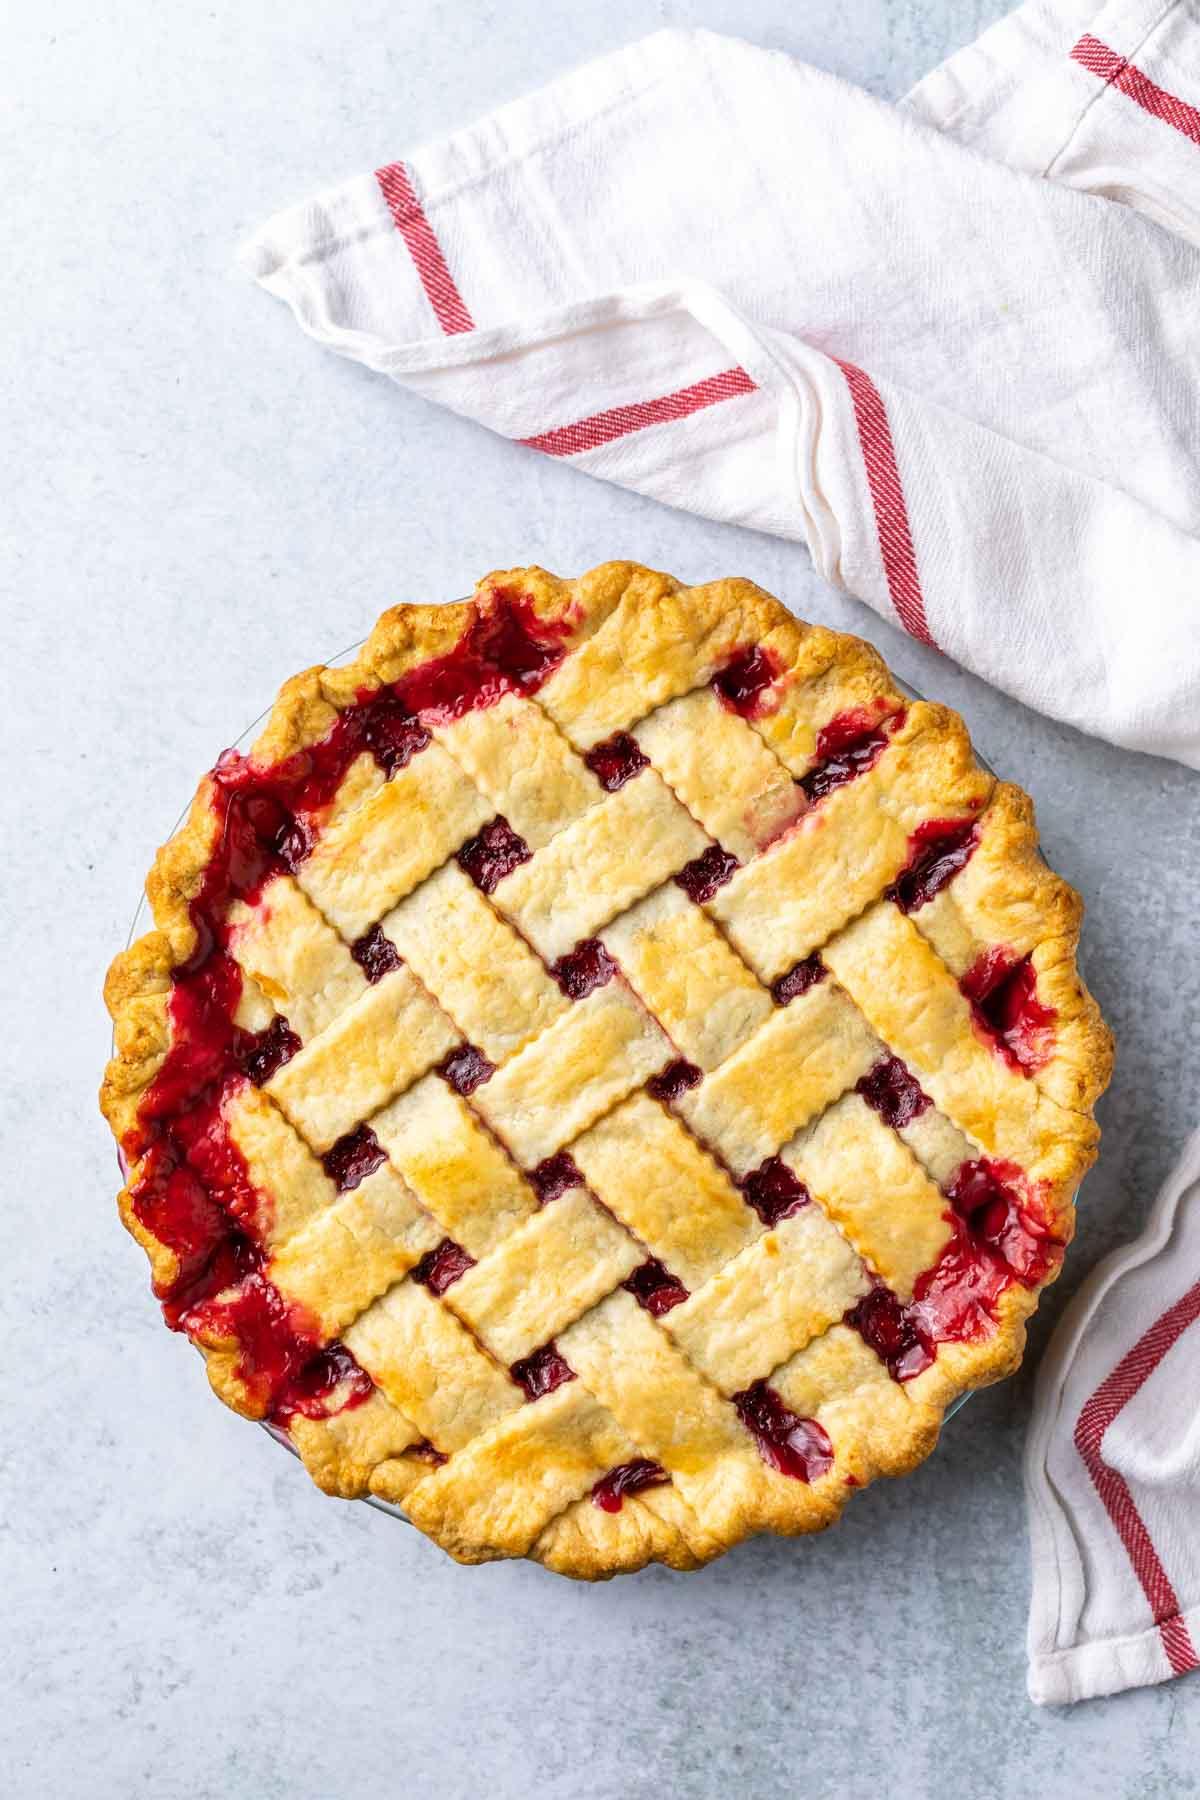 baked cherry pie with lattice pie crust